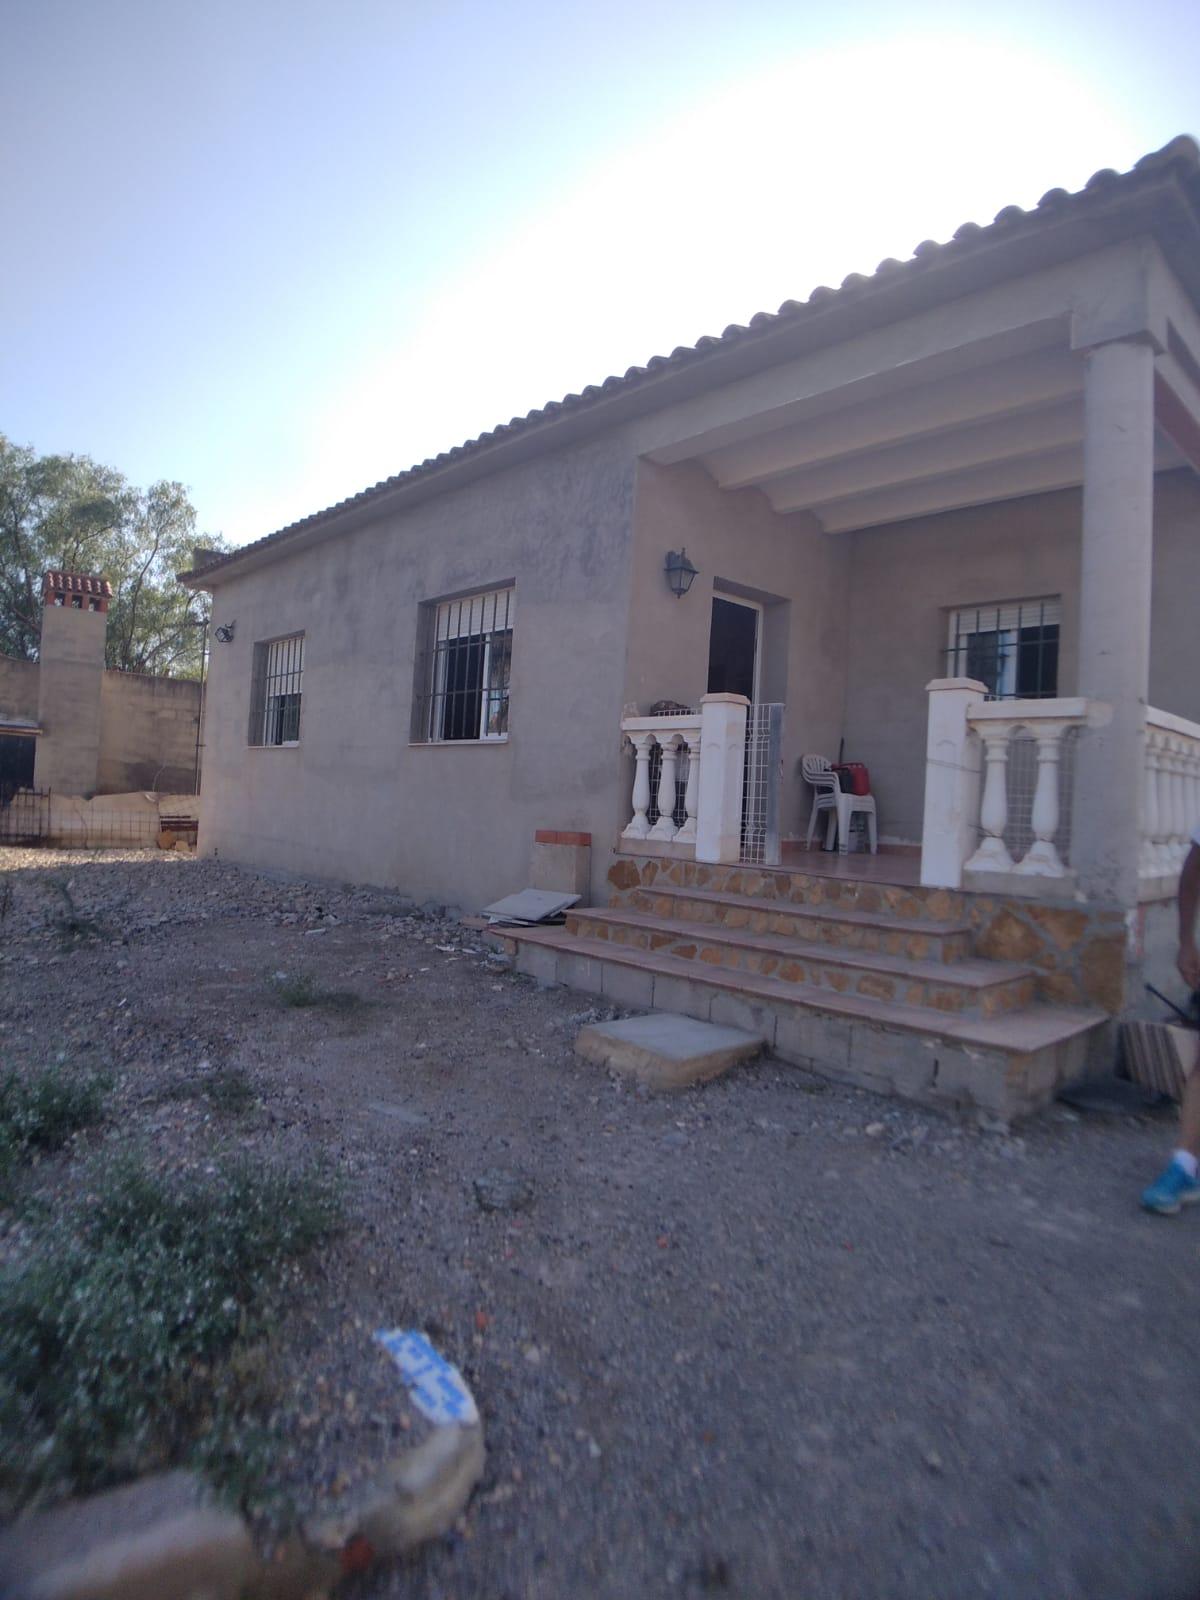 Chalet en venta en La Pobla de Vallbona – Ref. 001236